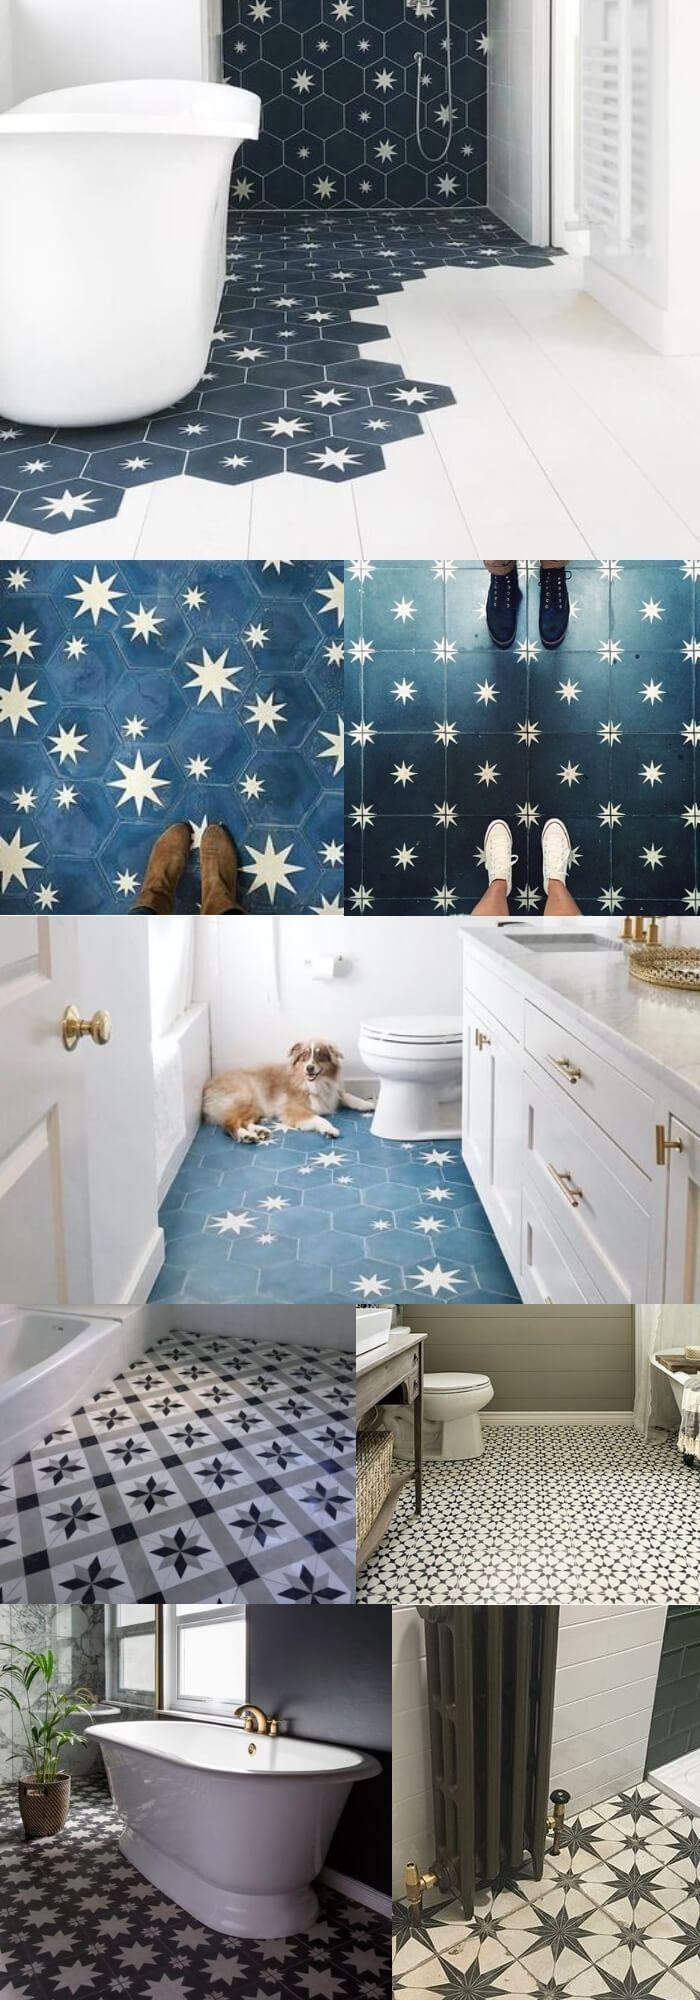 10 Unique Bathroom Floor Tile Designs, Unique Bathroom Tile